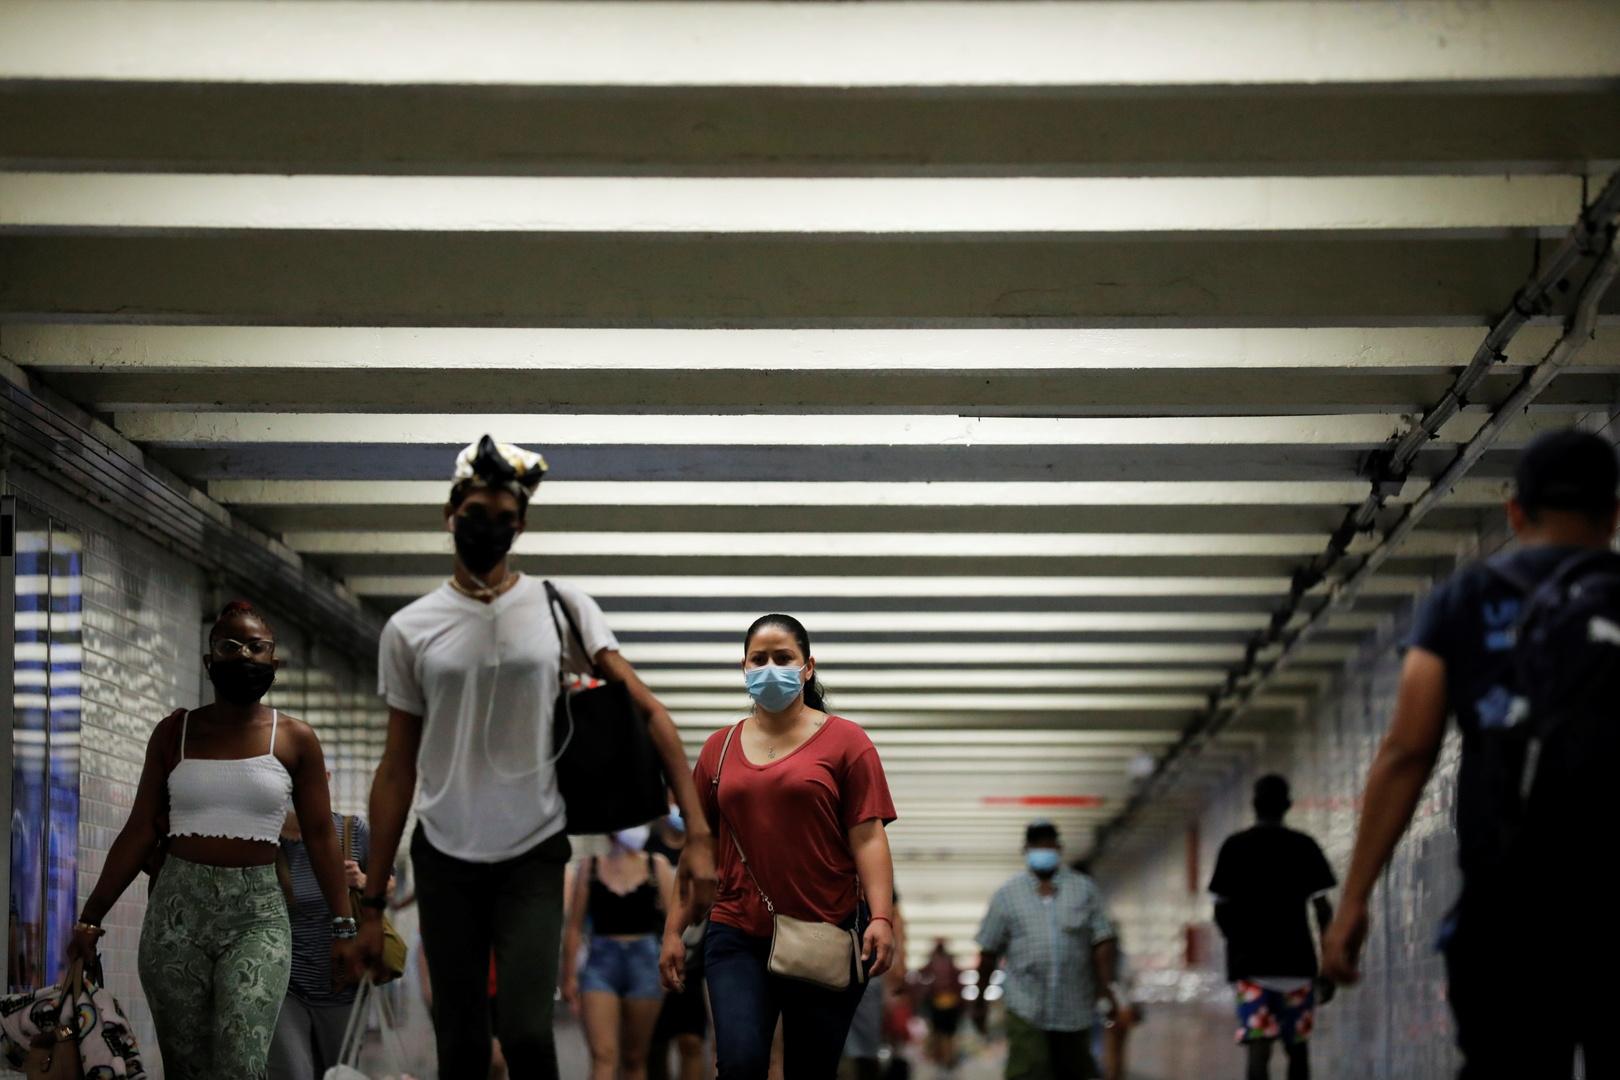 مسؤول صحي أمريكي كبير يحذر من تفاقم جائحة كورونا في بلاده